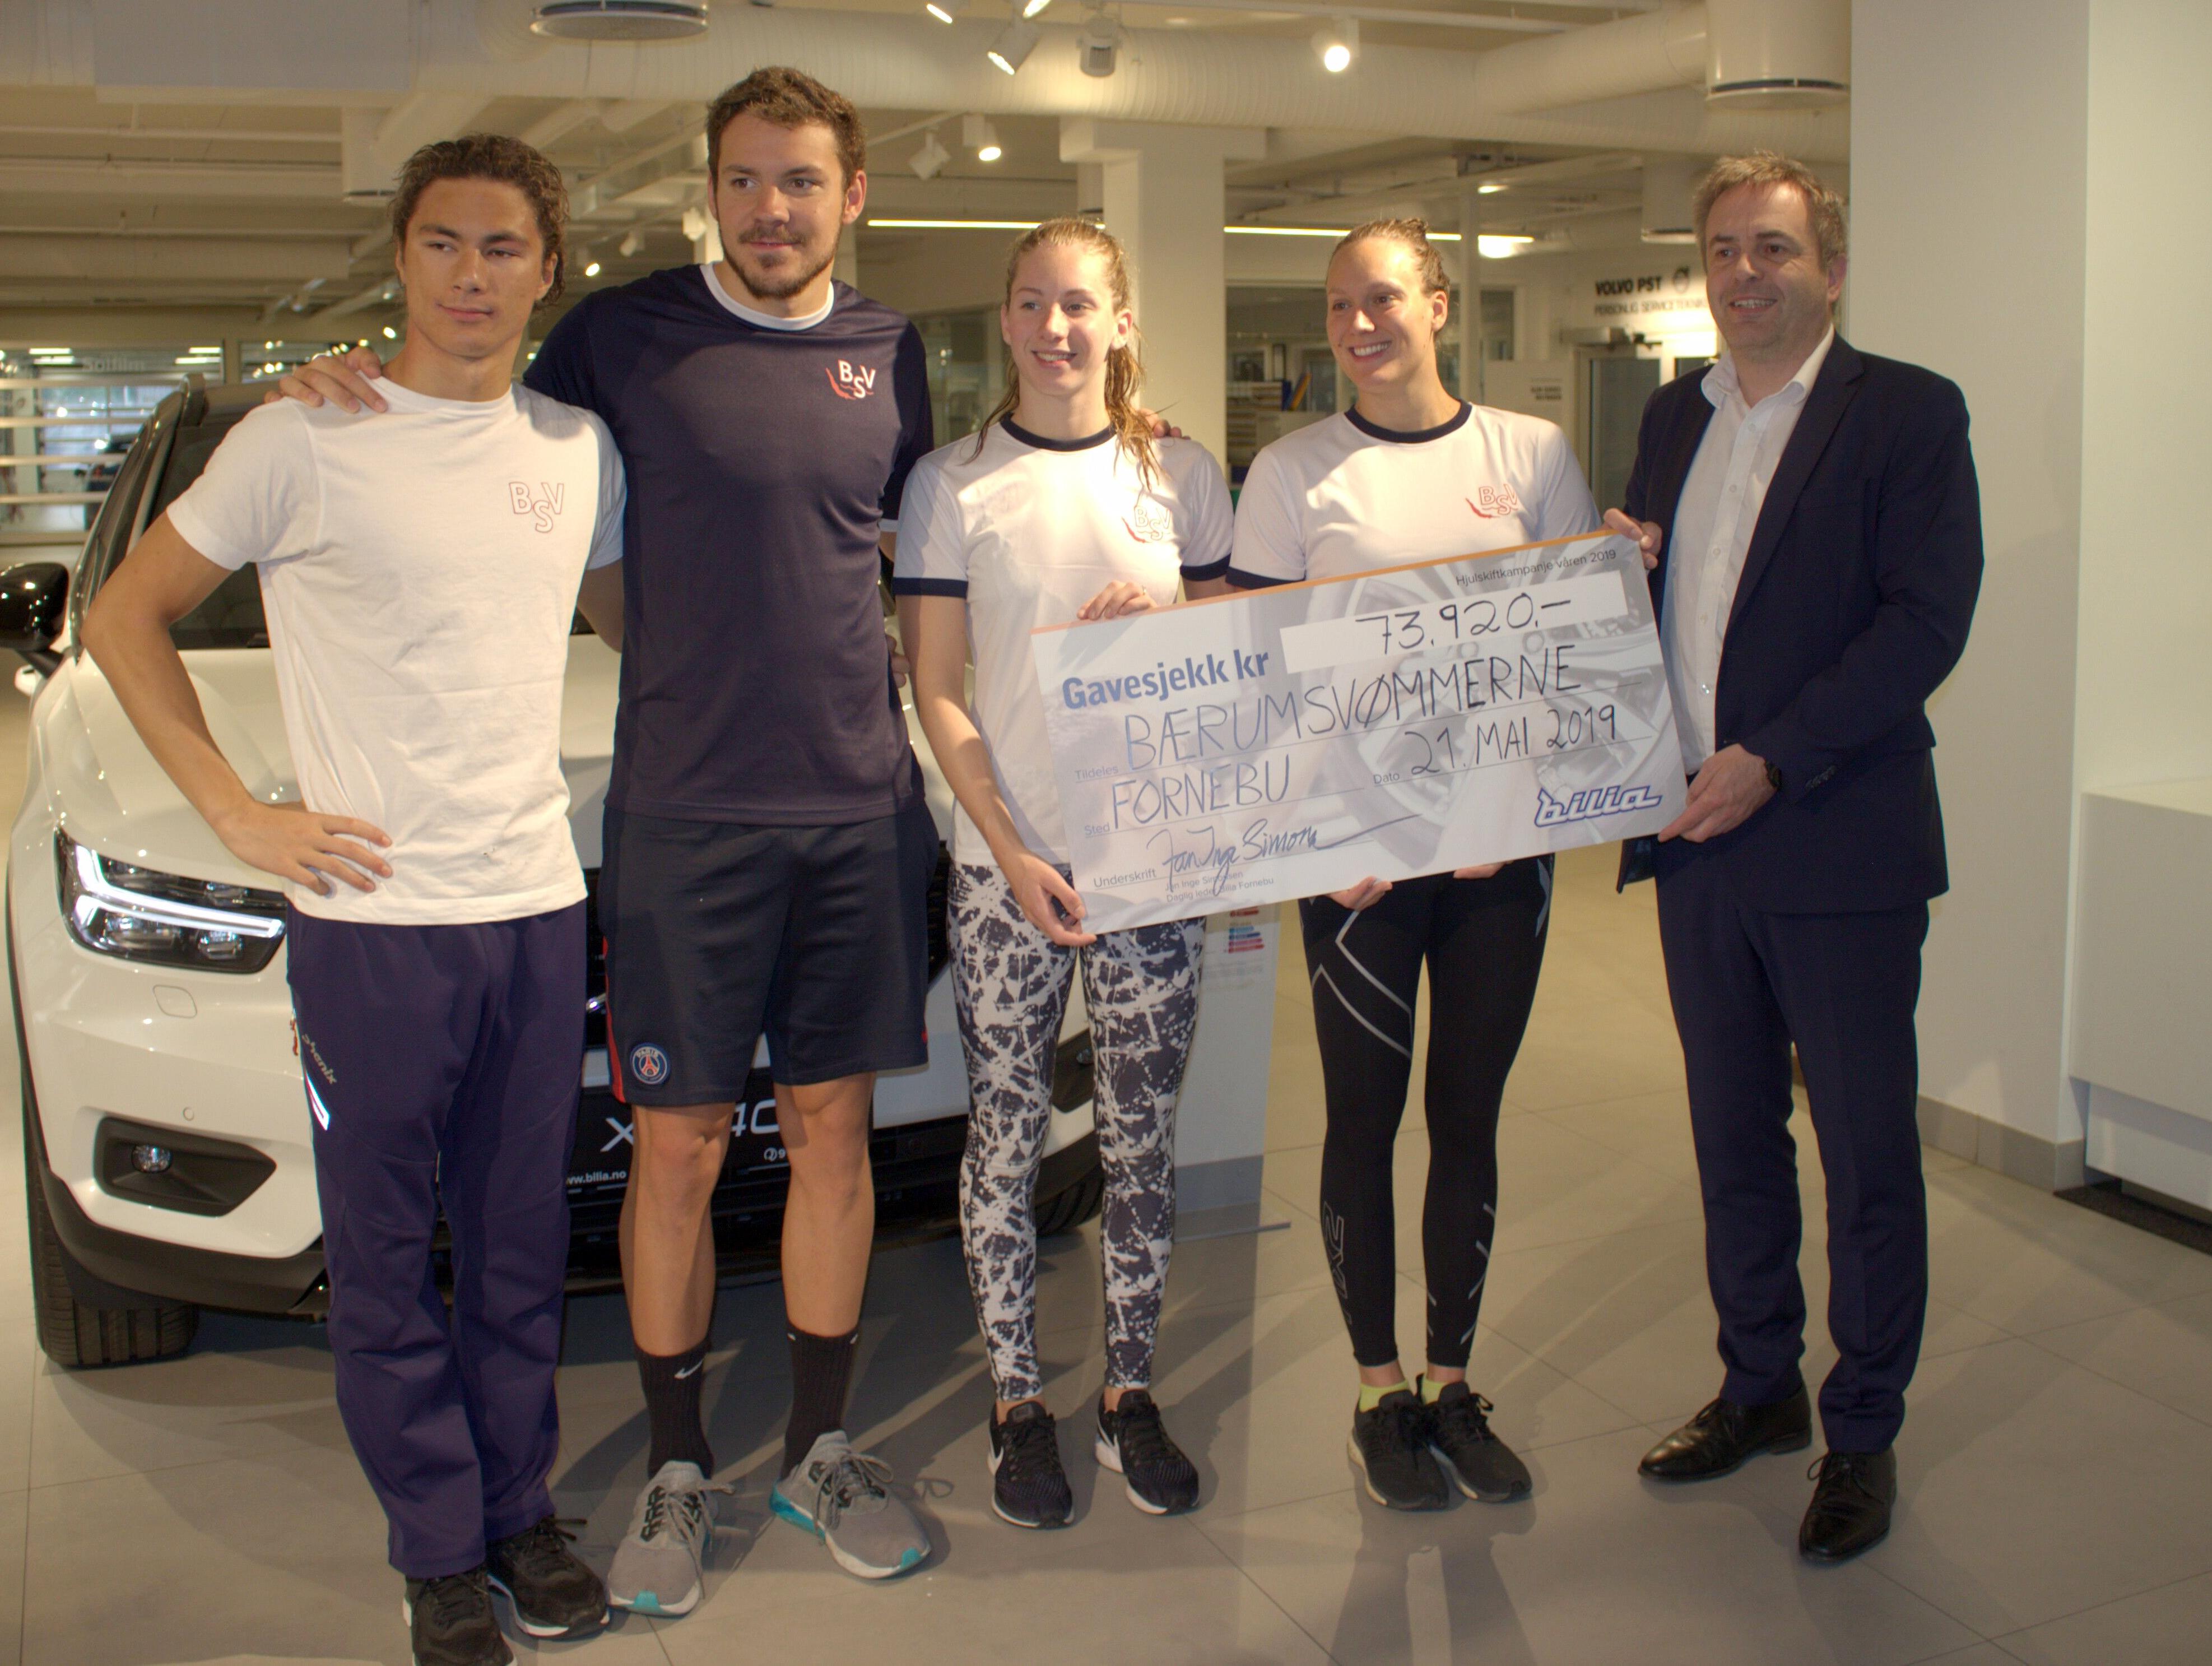 Tomoe, Niksa, Stine og Stine Lise fra Elitegruppen mottar gavesjekk fra Bilia Fornebu.